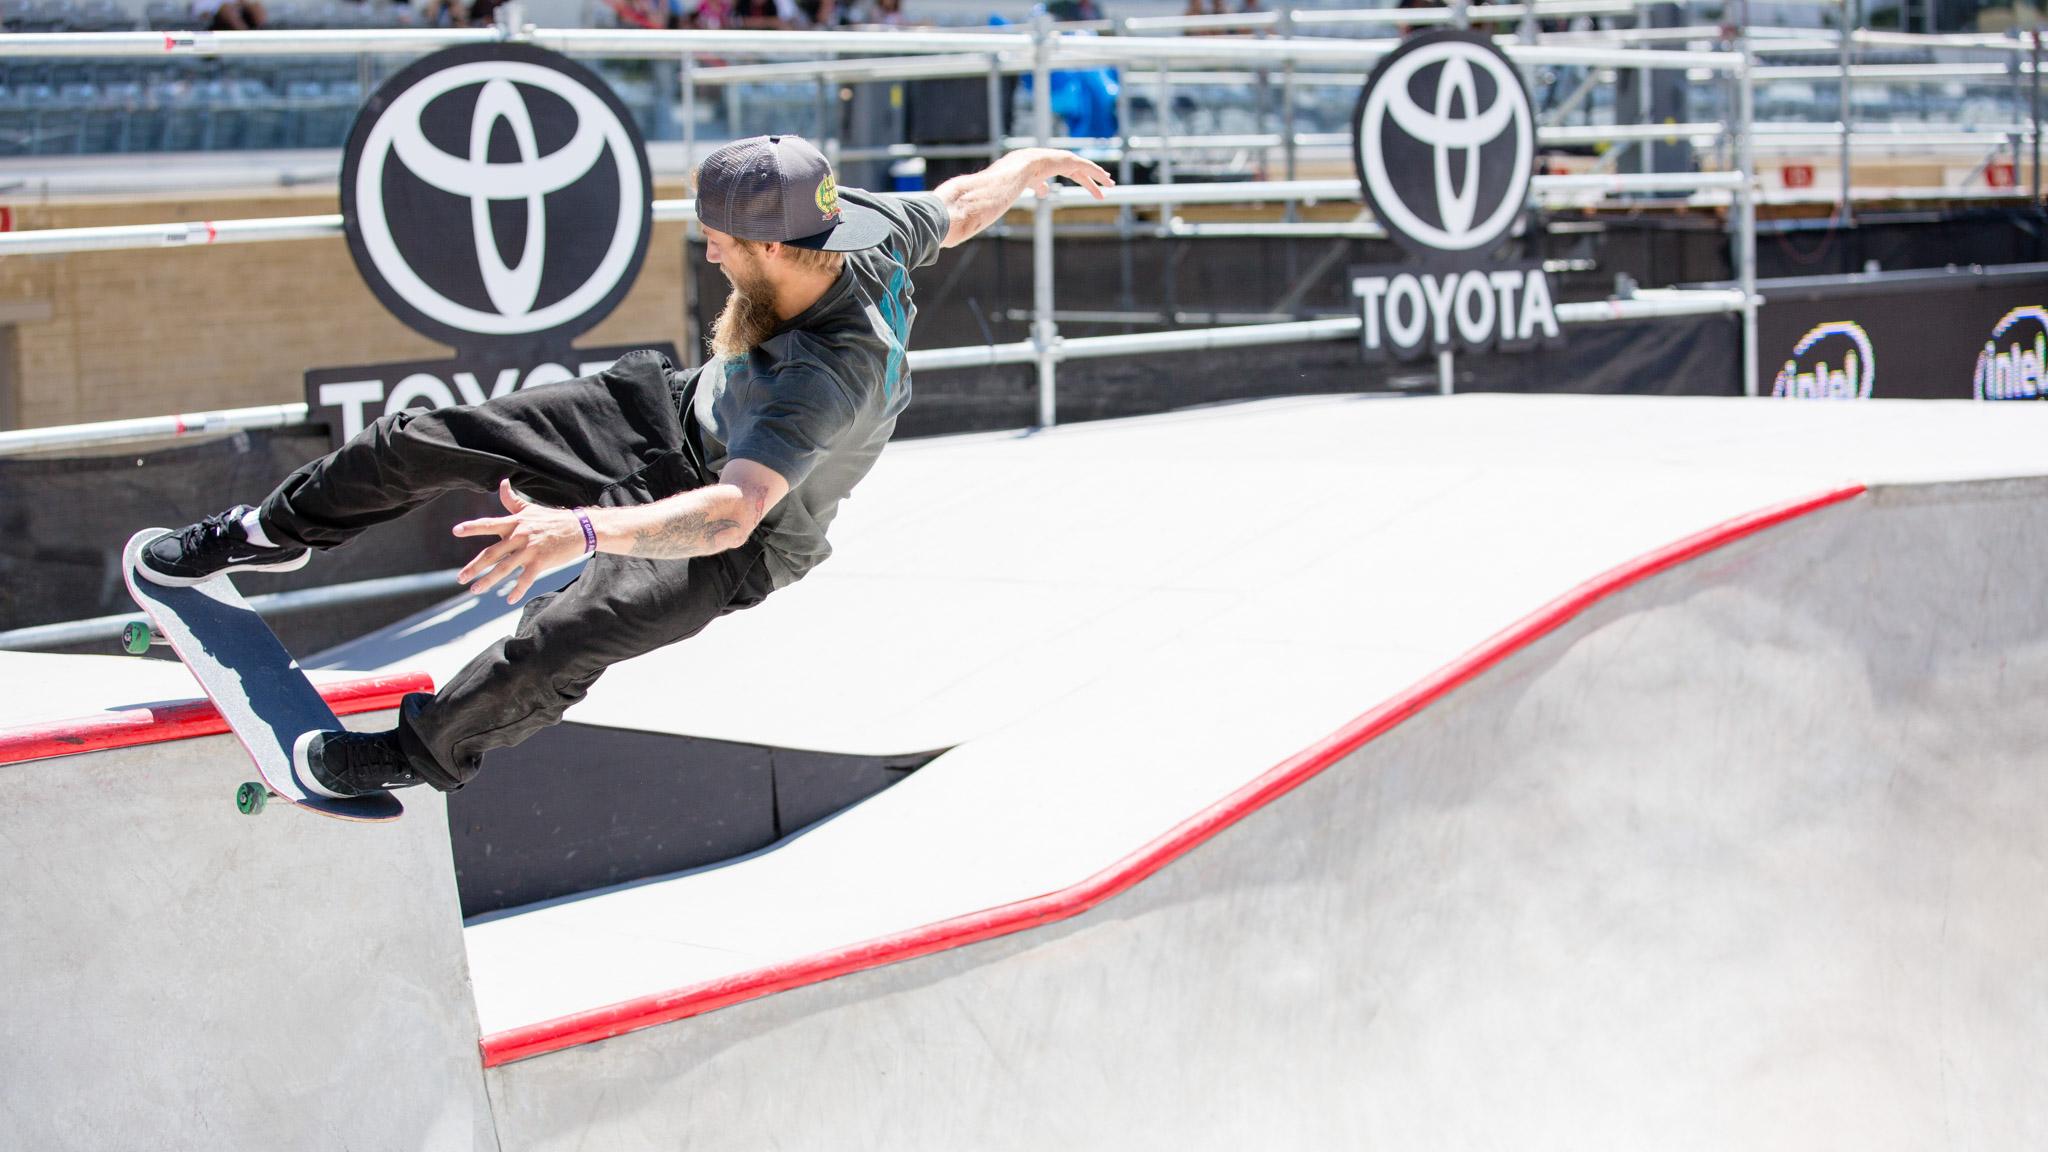 Skateboarding: Greyson Fletcher